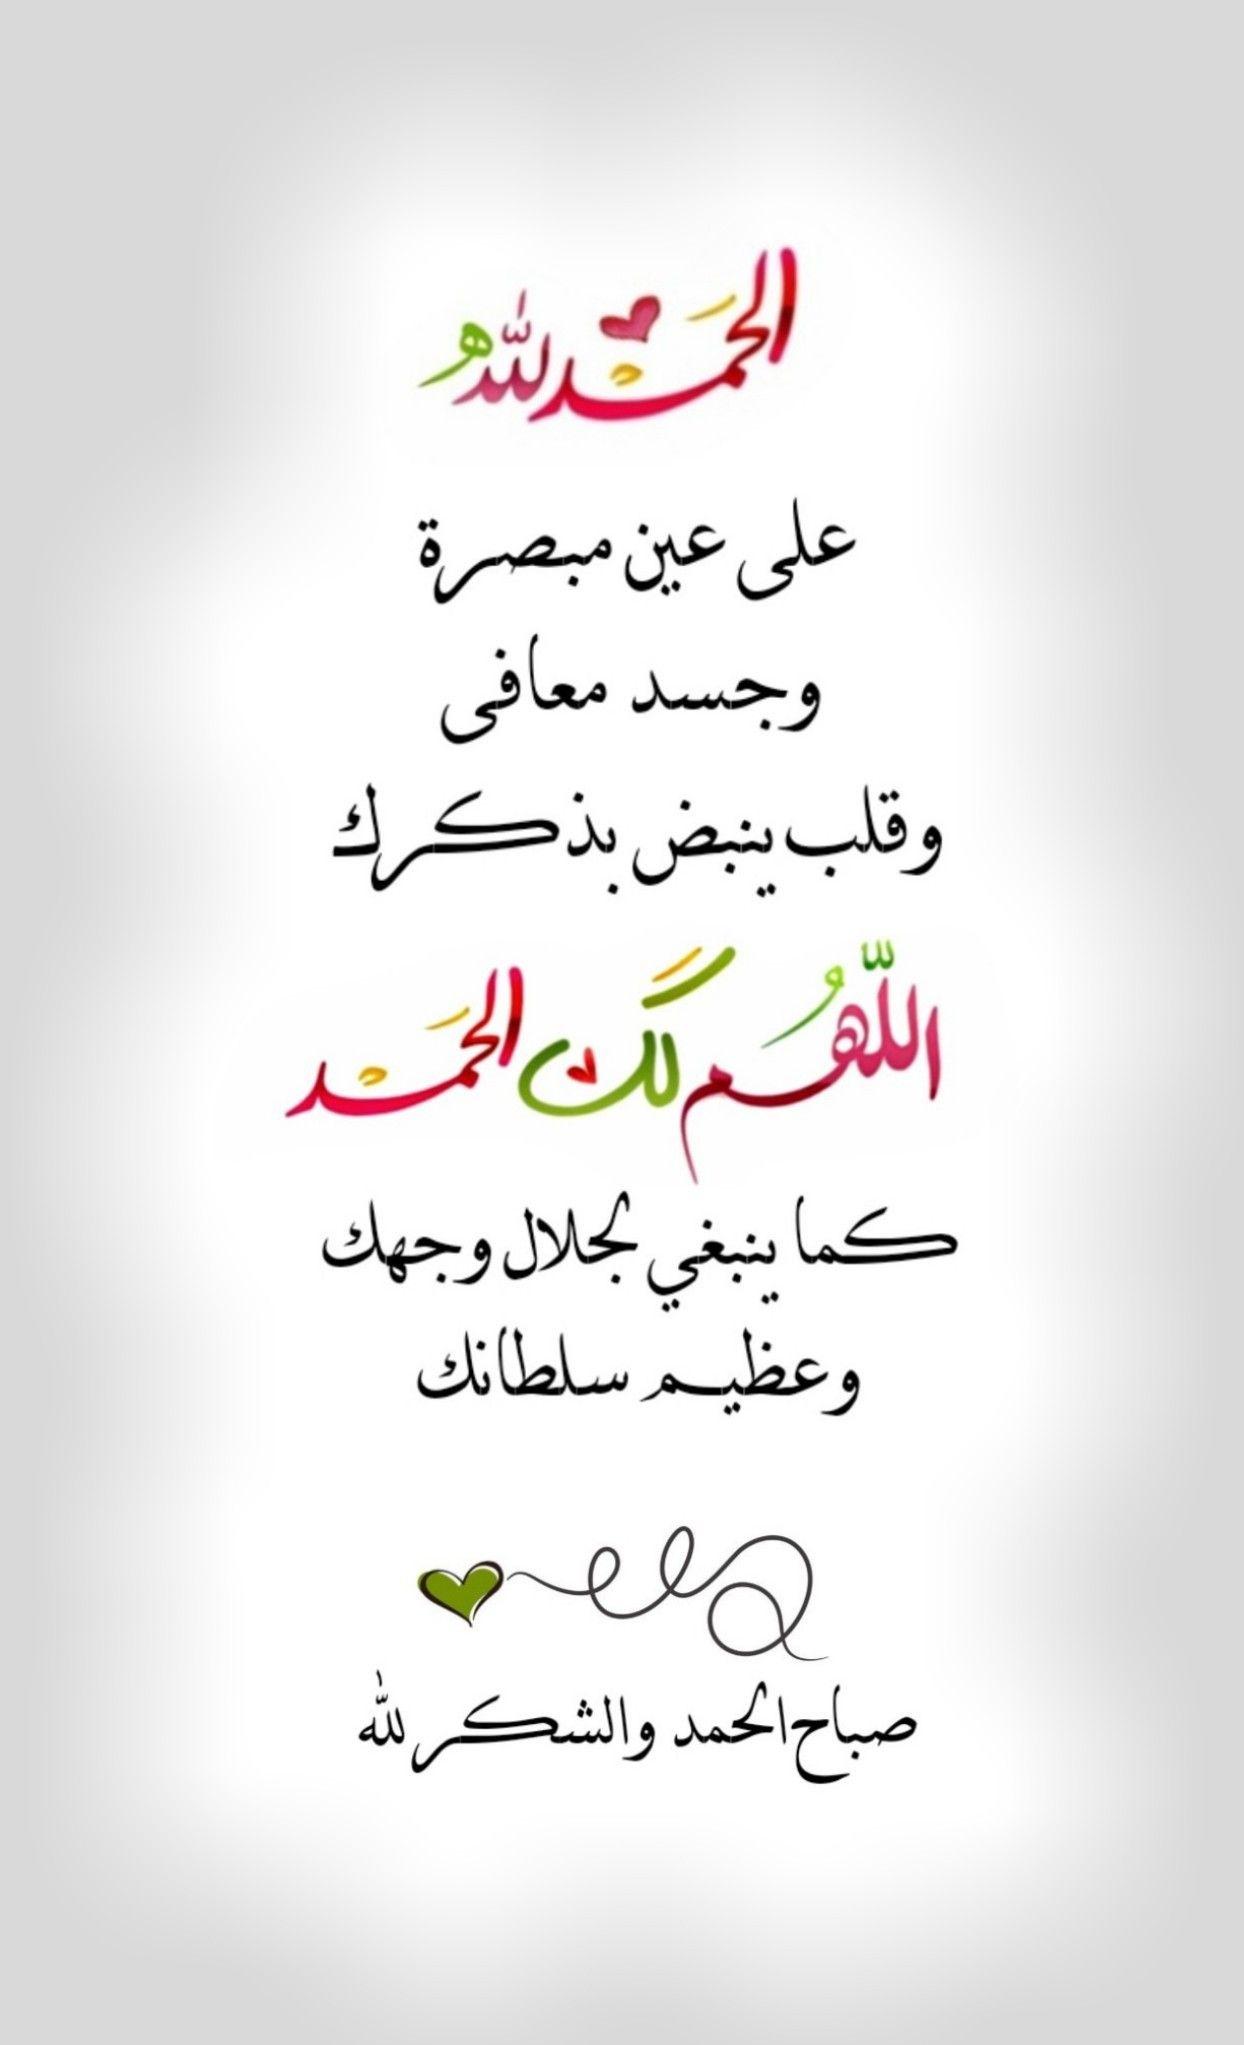 الحمــــد لله على عين مبصرة وجسد معافى وقلب ينبض بذكرك اللهــــم لك الحمــــد كما ينبغي لجل Good Morning Arabic Beautiful Morning Messages Ramadan Quotes